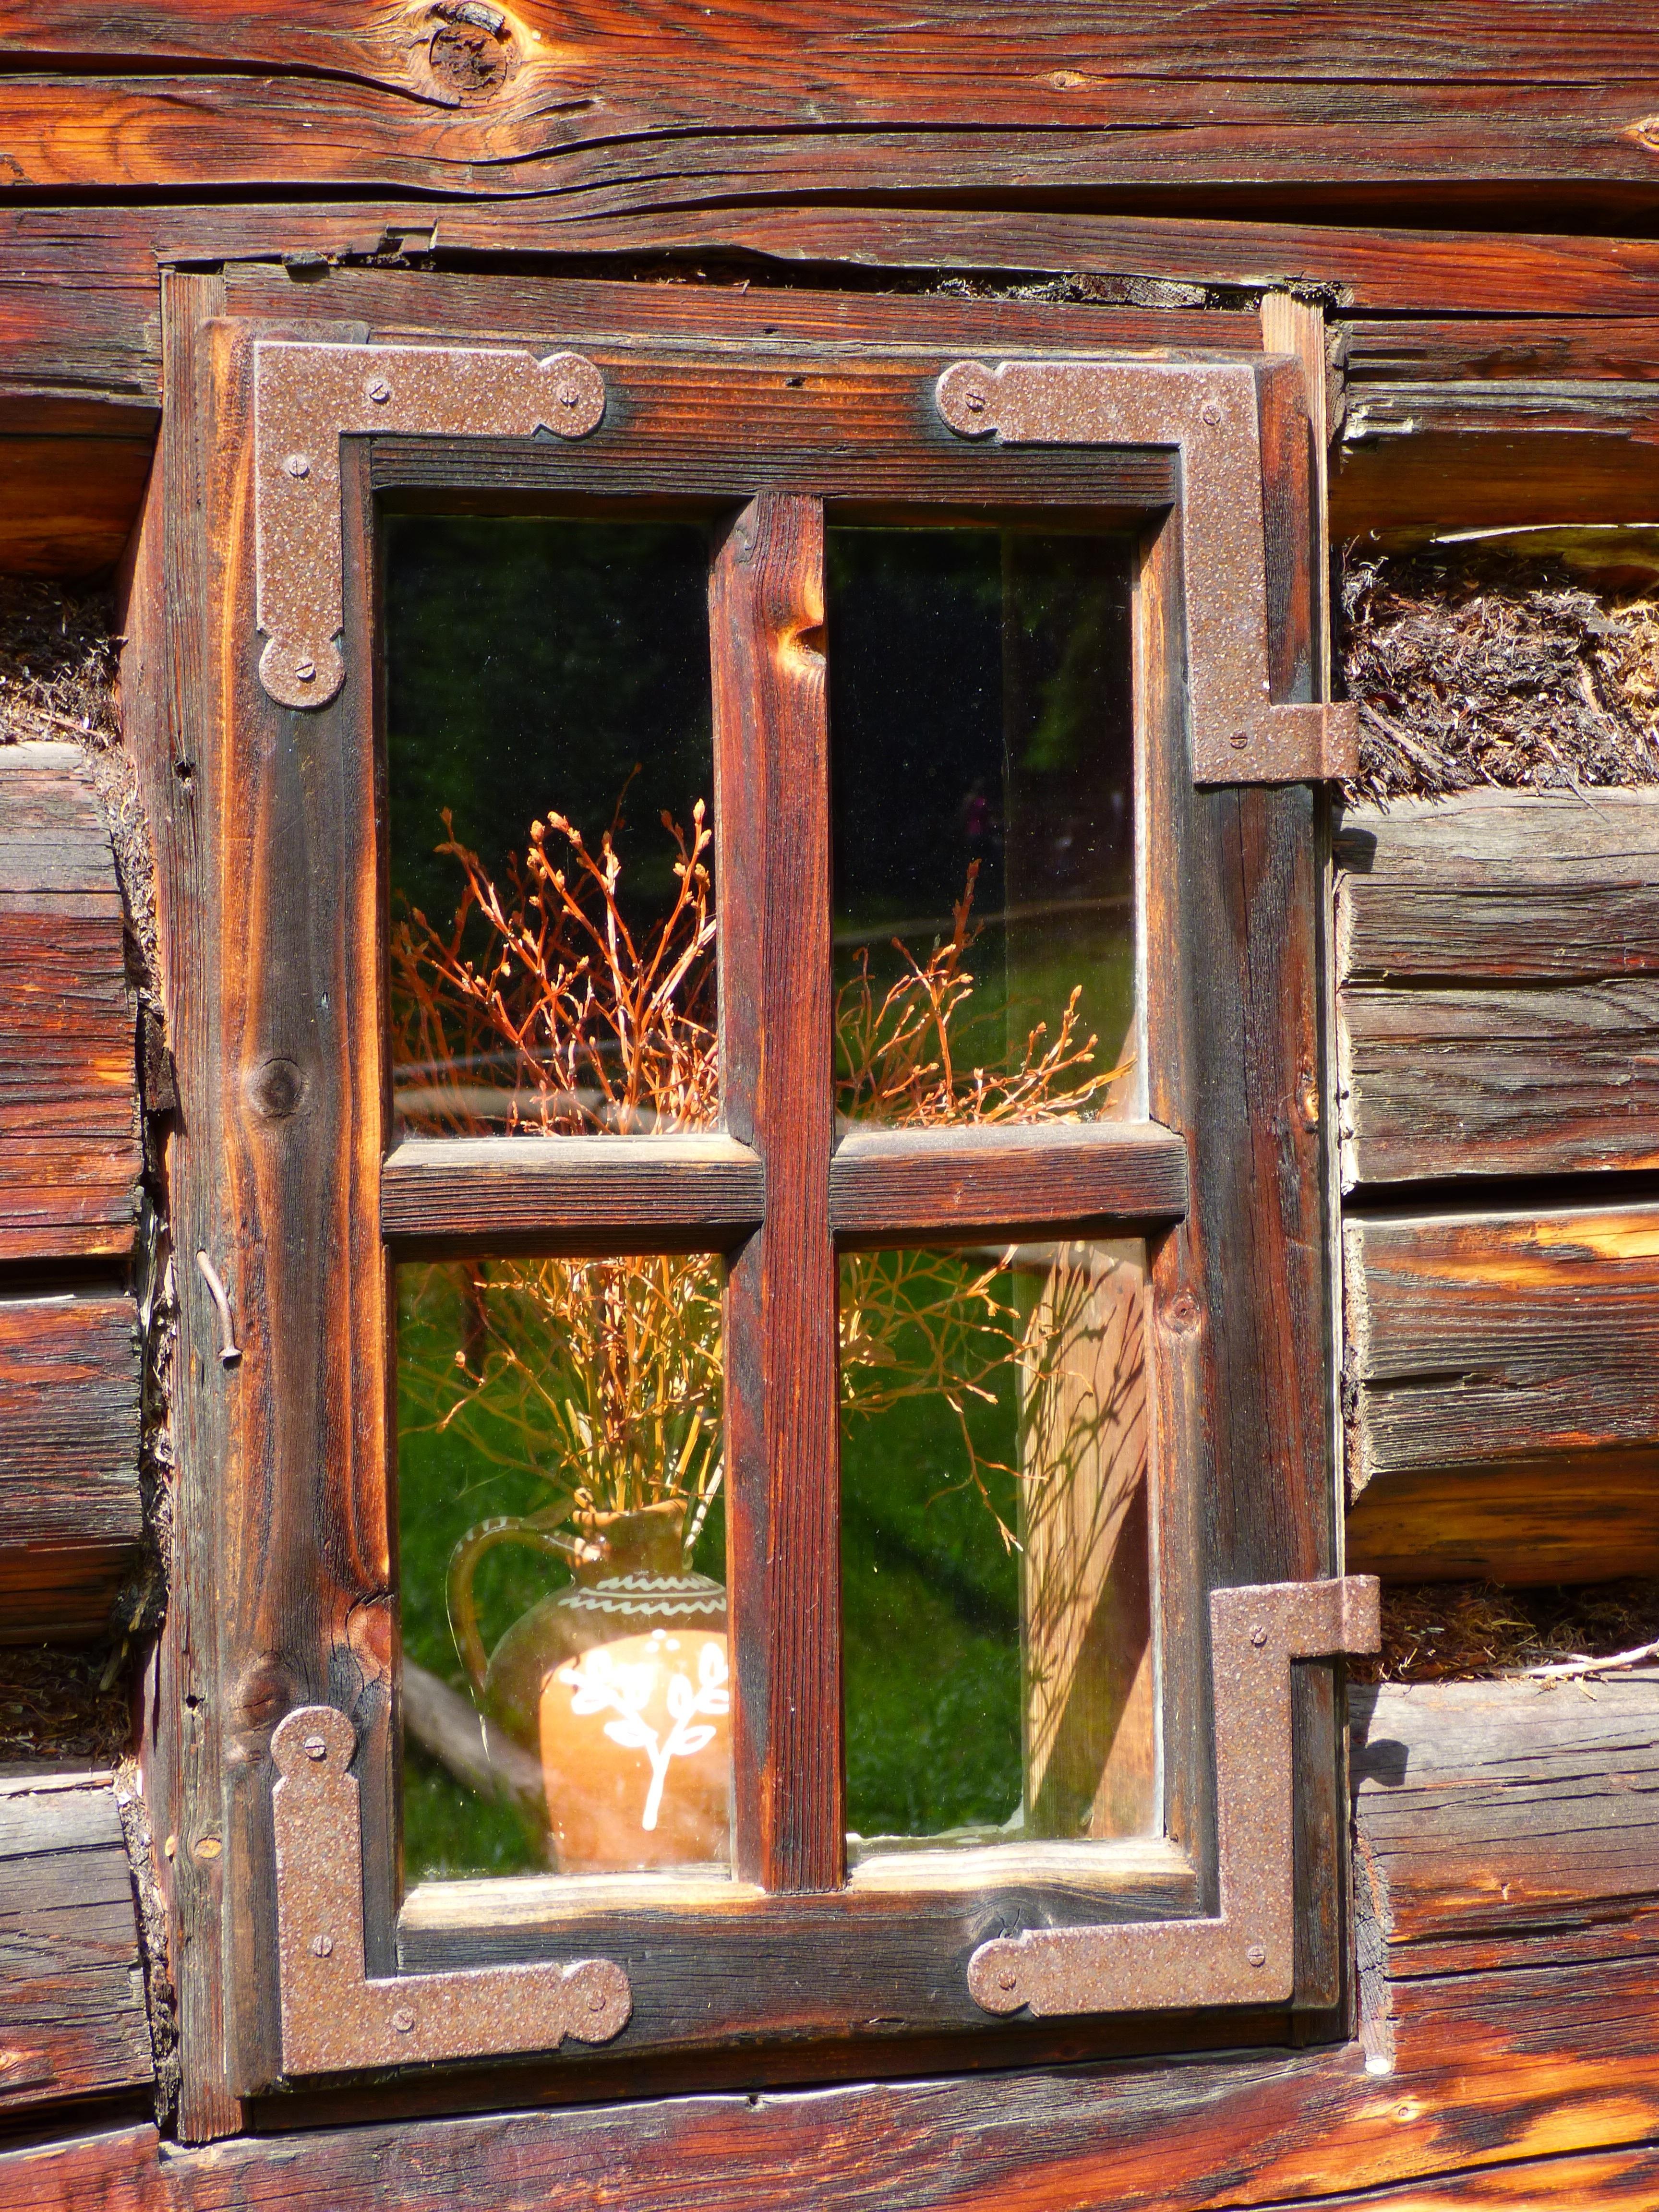 Fotos gratis : arquitectura, ventana, antiguo, rural, puerta, casa ...